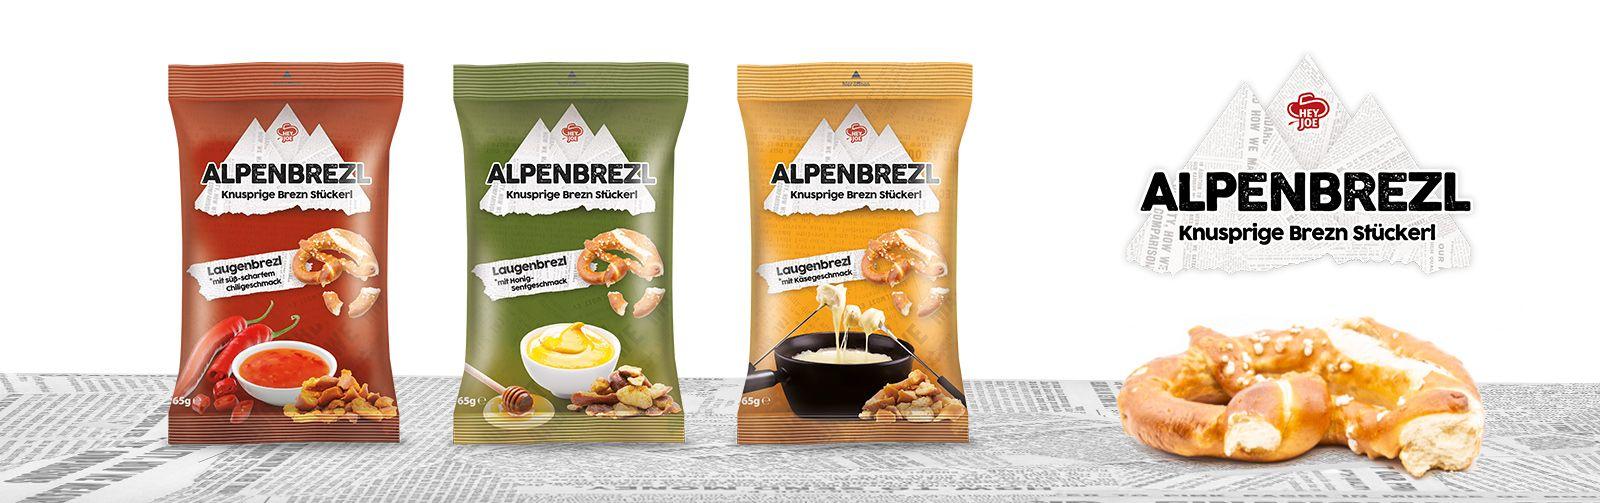 Alpenbrezl